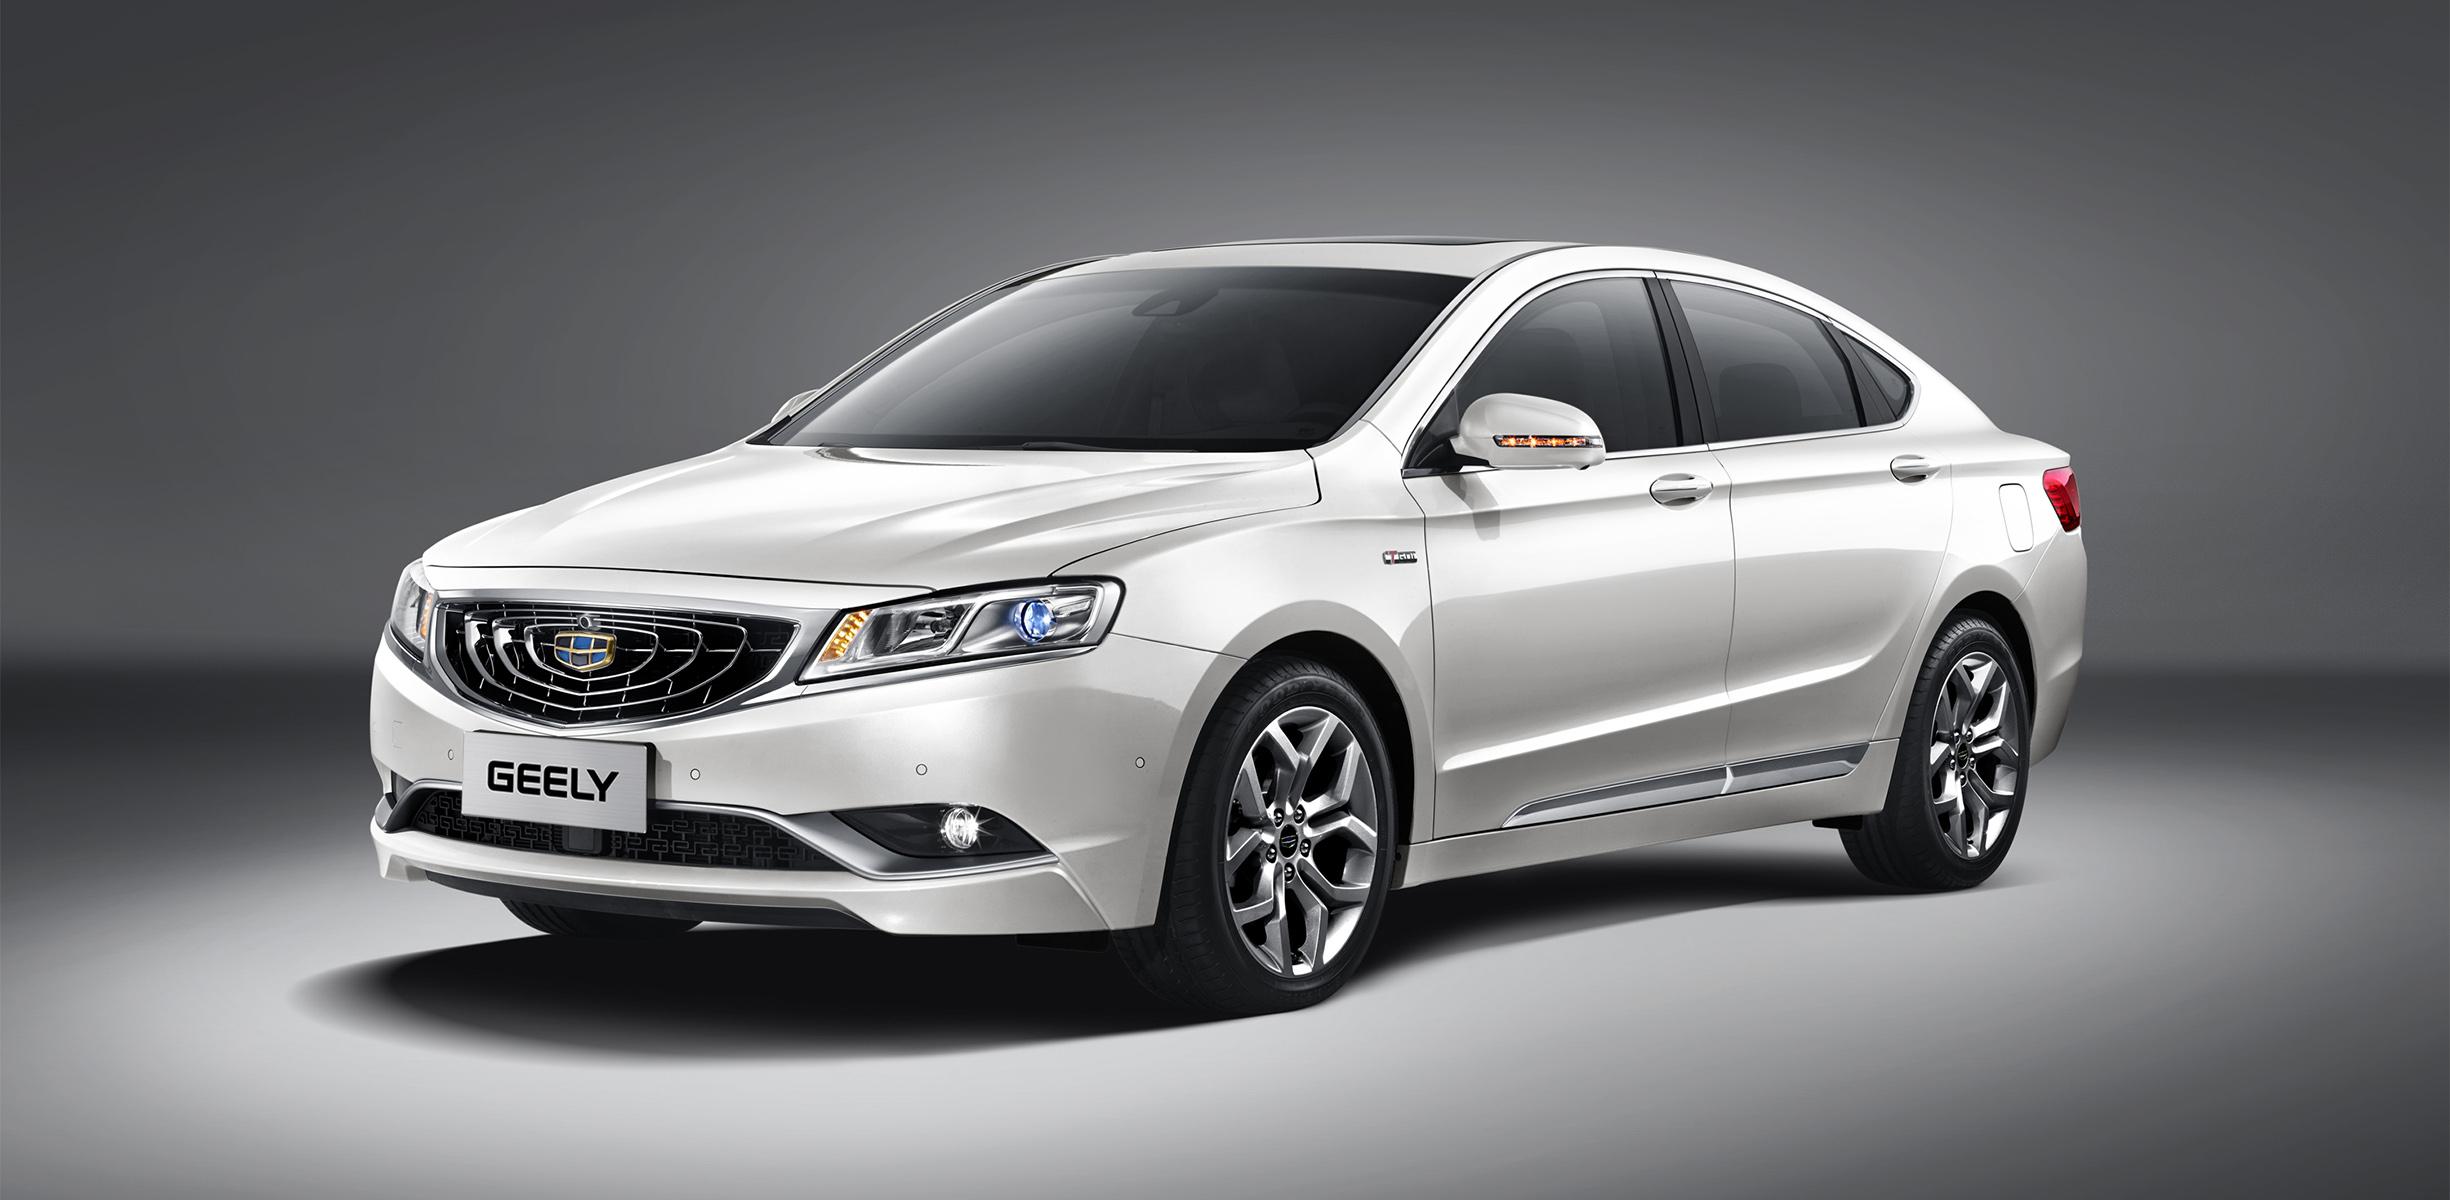 السيارة الصينية الجديدة Geely GC9 | المرسال